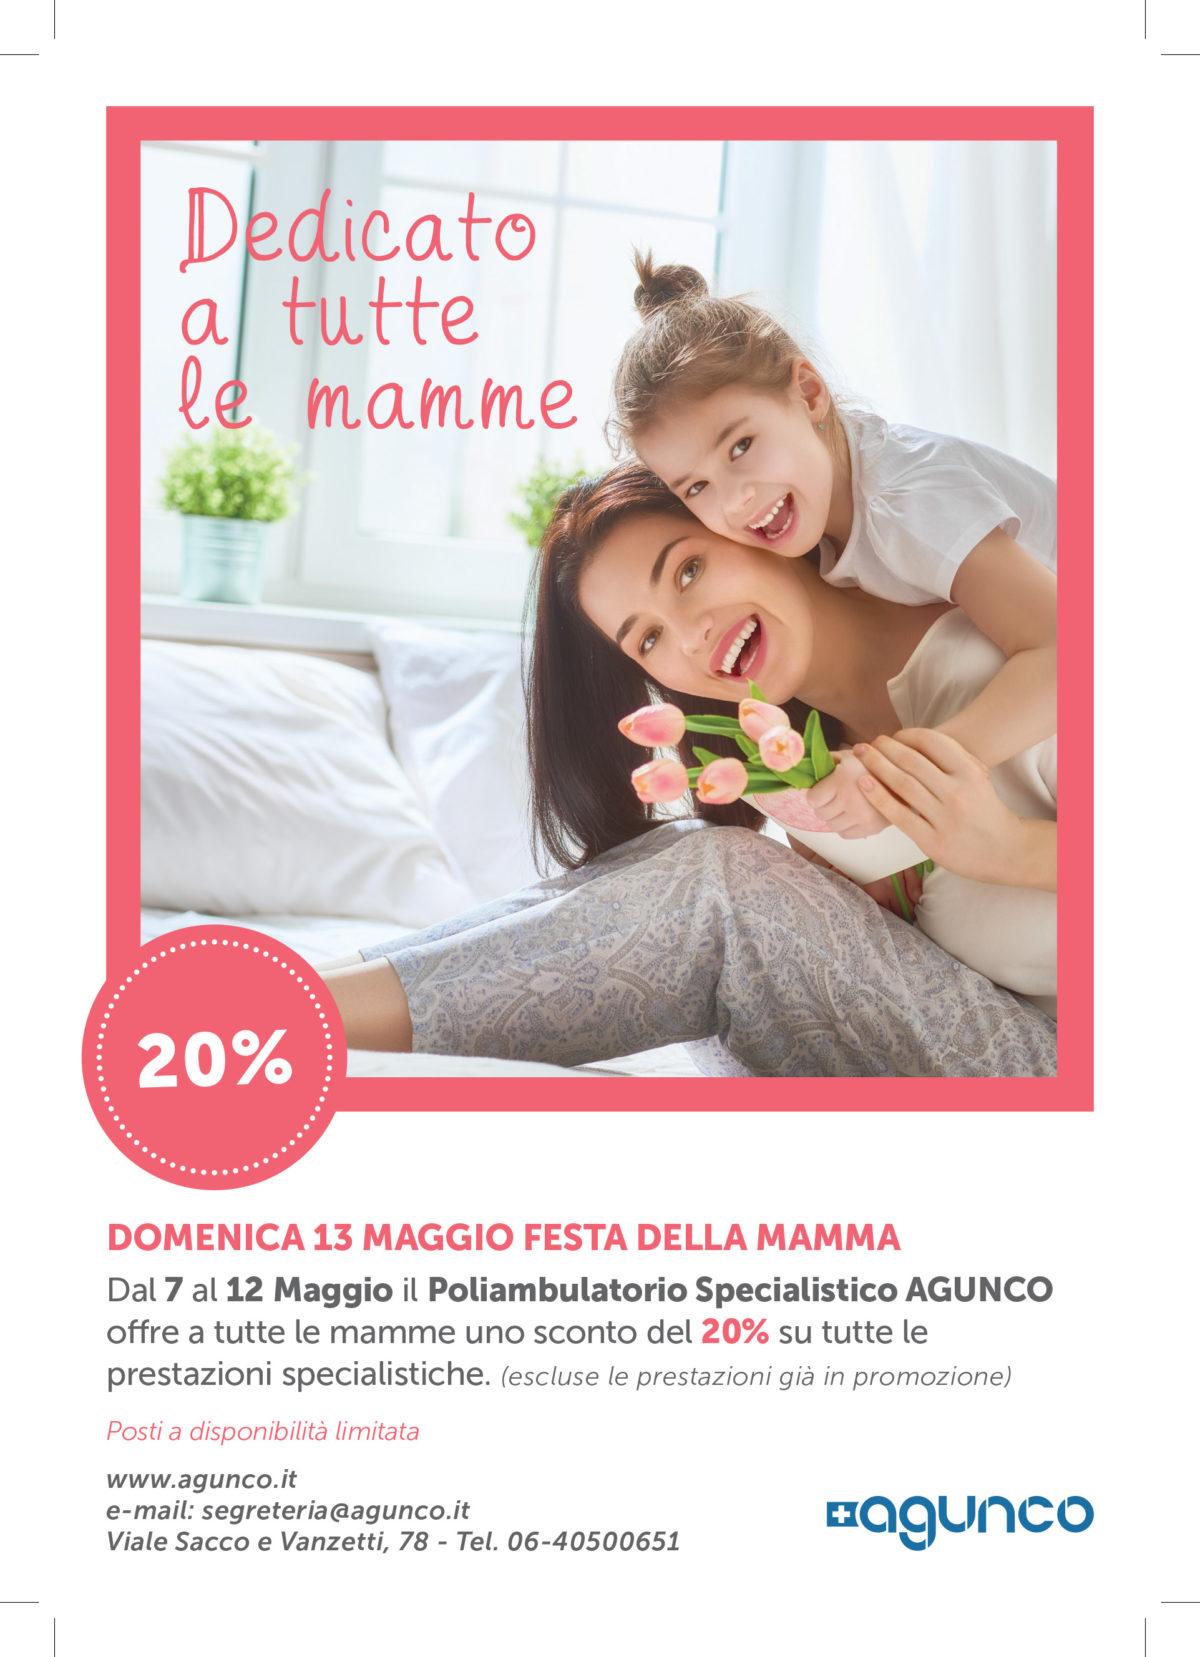 festa-della-mamma-1200x1657.jpg